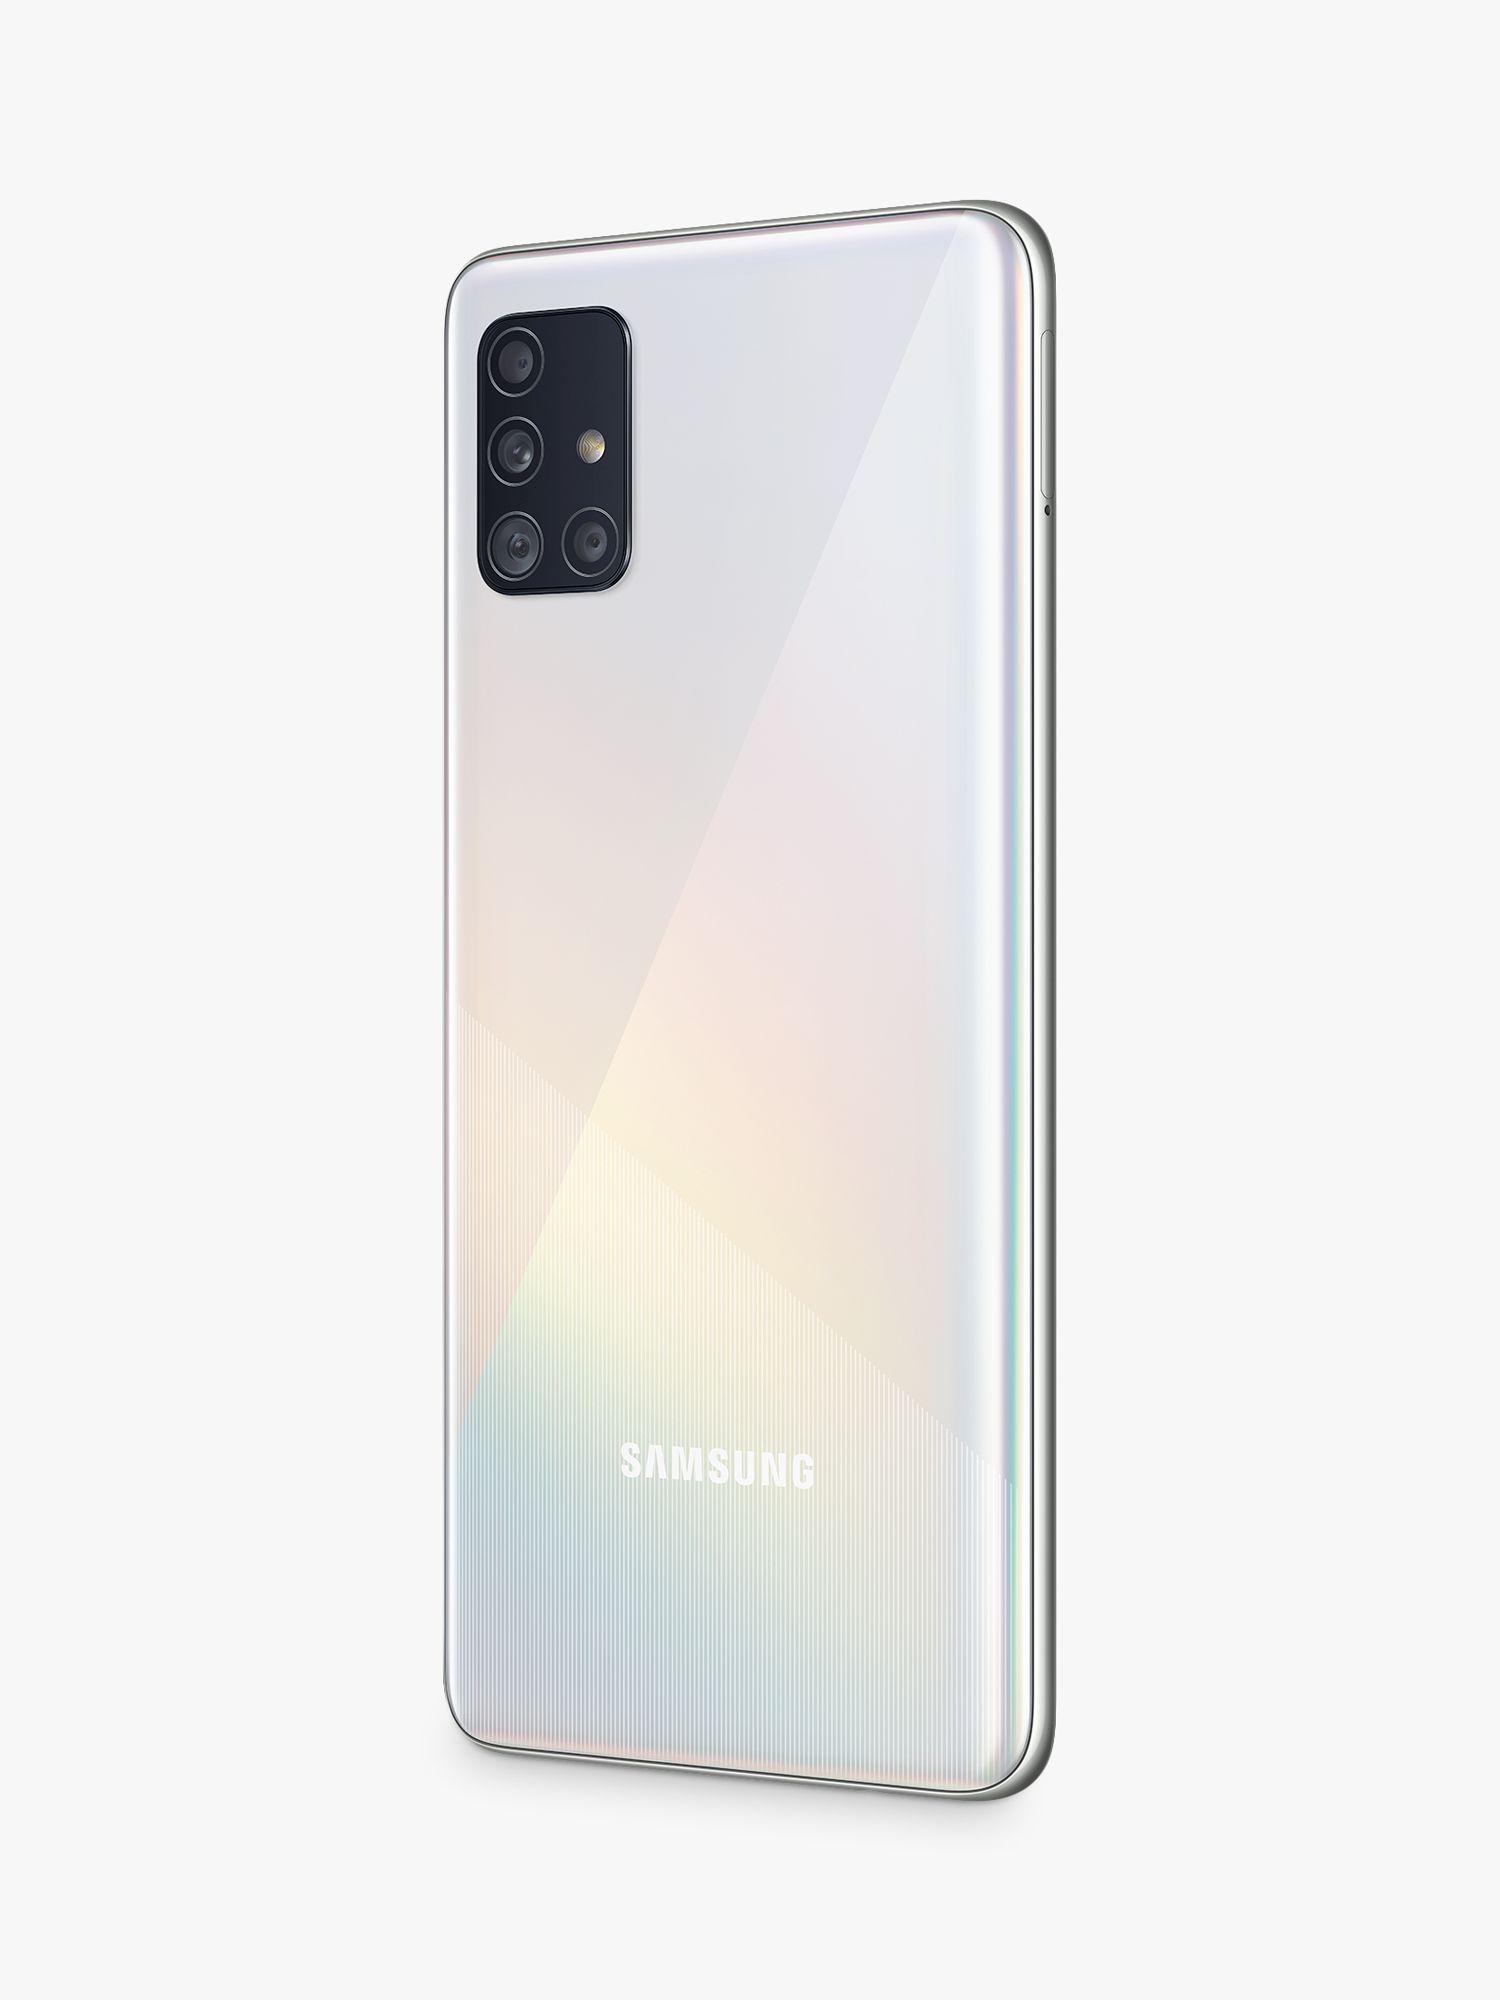 Samsung Galaxy A51 Smartphone 4gb Ram 6 5 4g Lte Sim Free 128gb Samsung Galaxy Samsung Samsung Galaxy Wallpaper